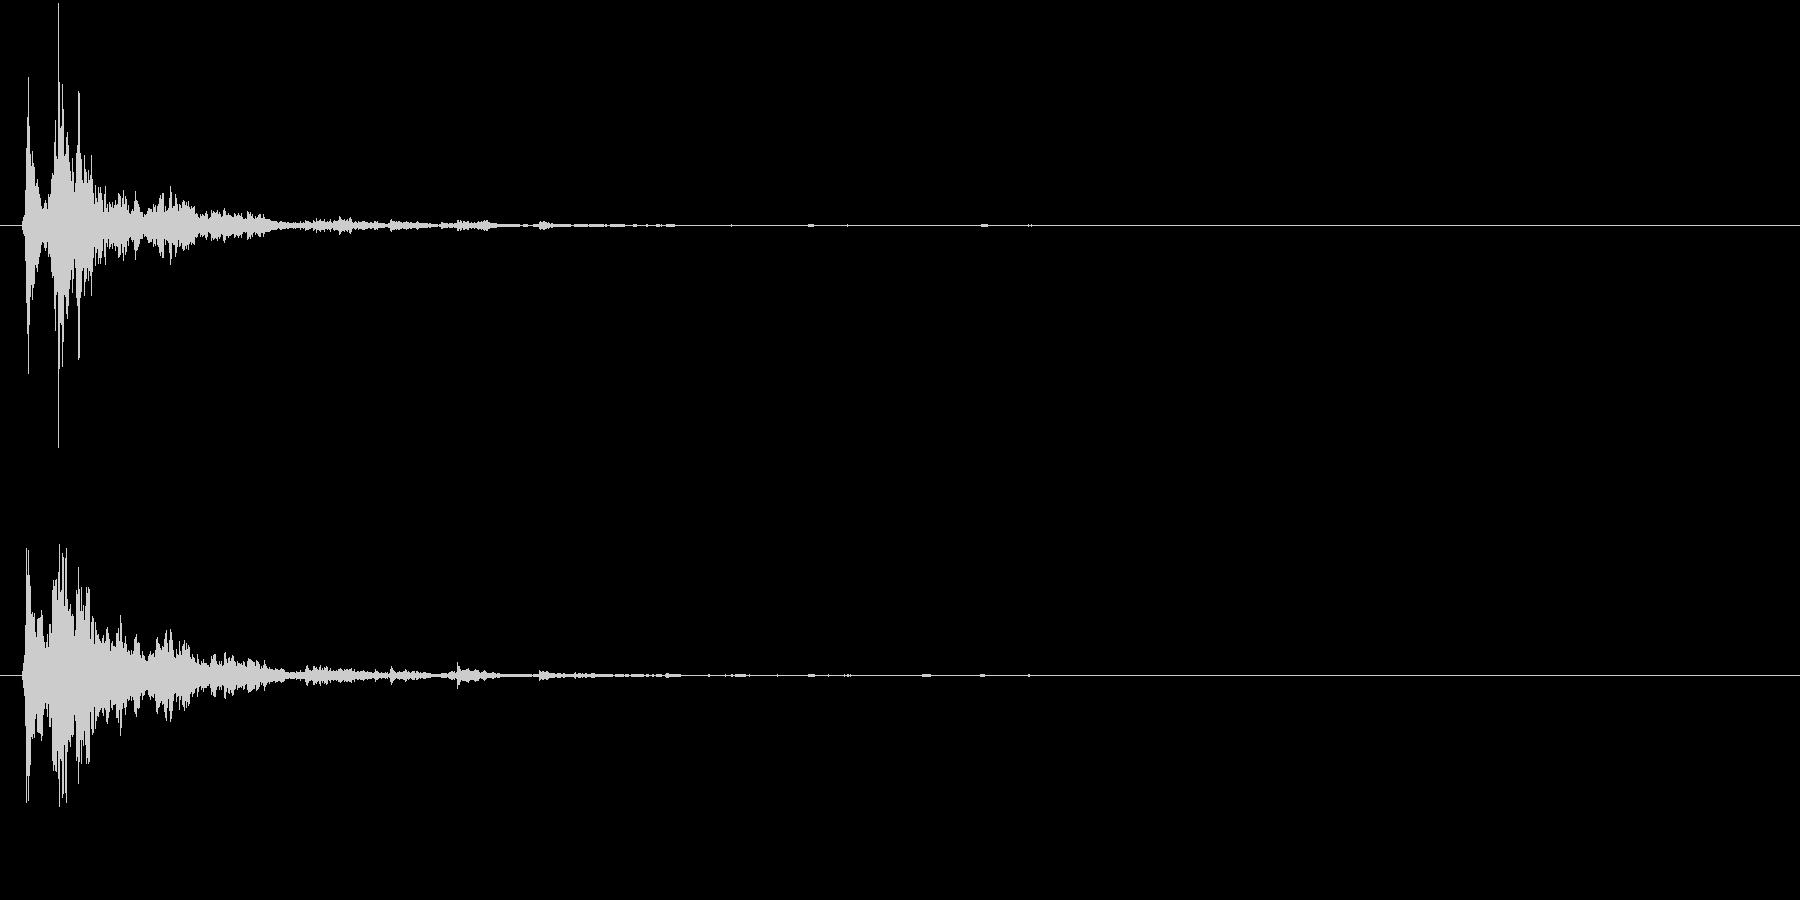 「シャシャーン」象徴的なソリベルの音3の未再生の波形